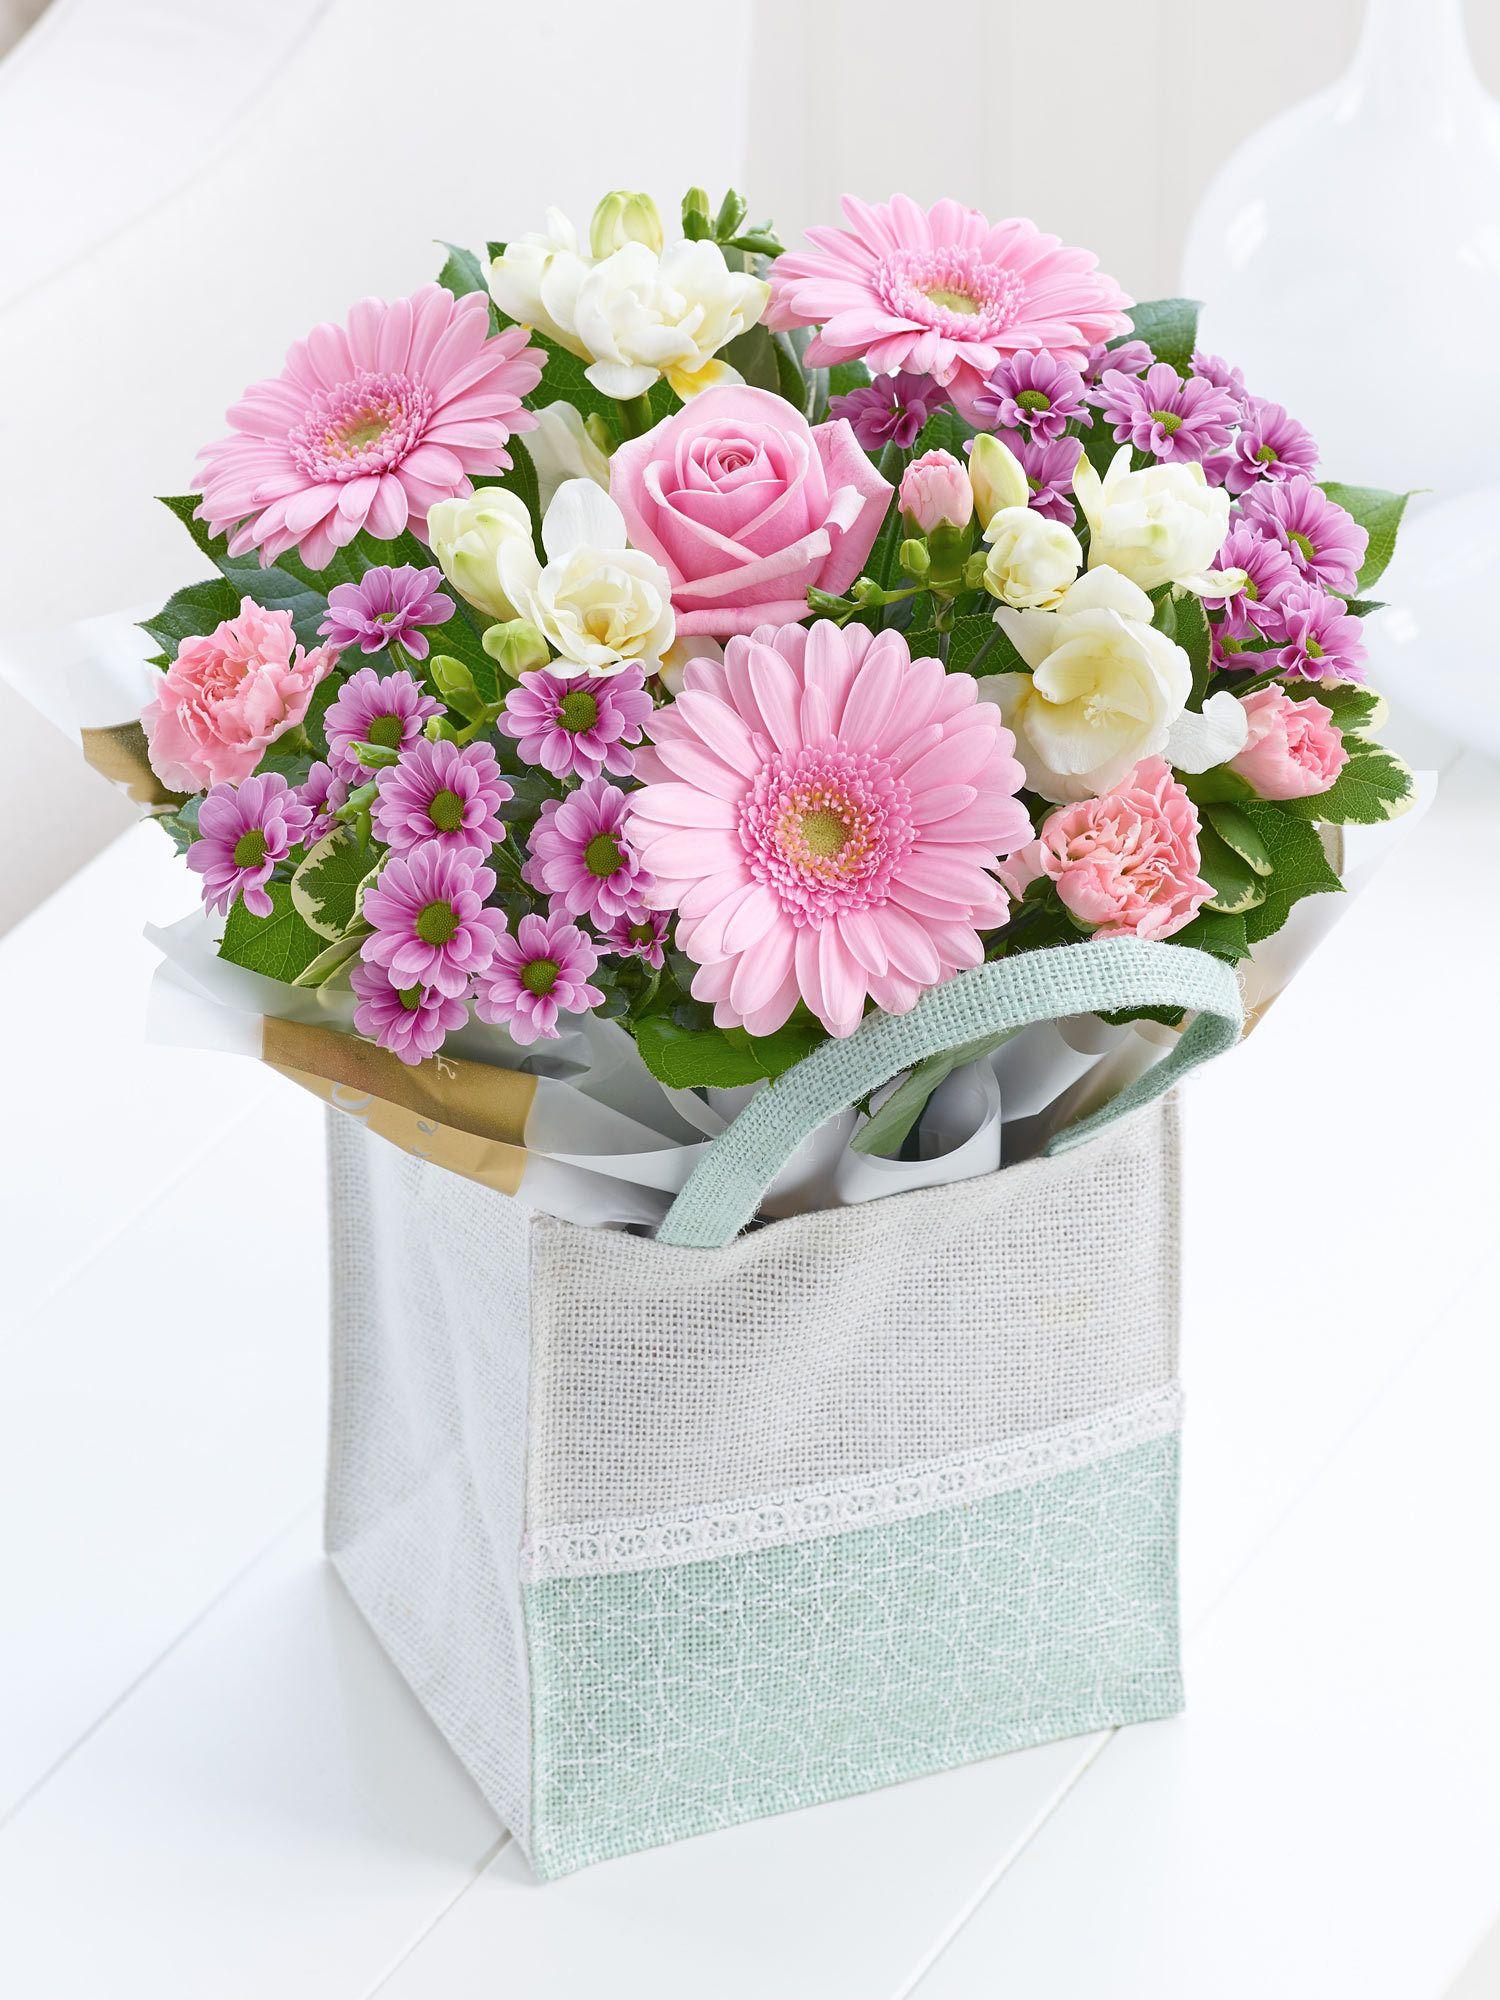 Interflora flowersbouquets bunches 2 interflora izmirmasajfo